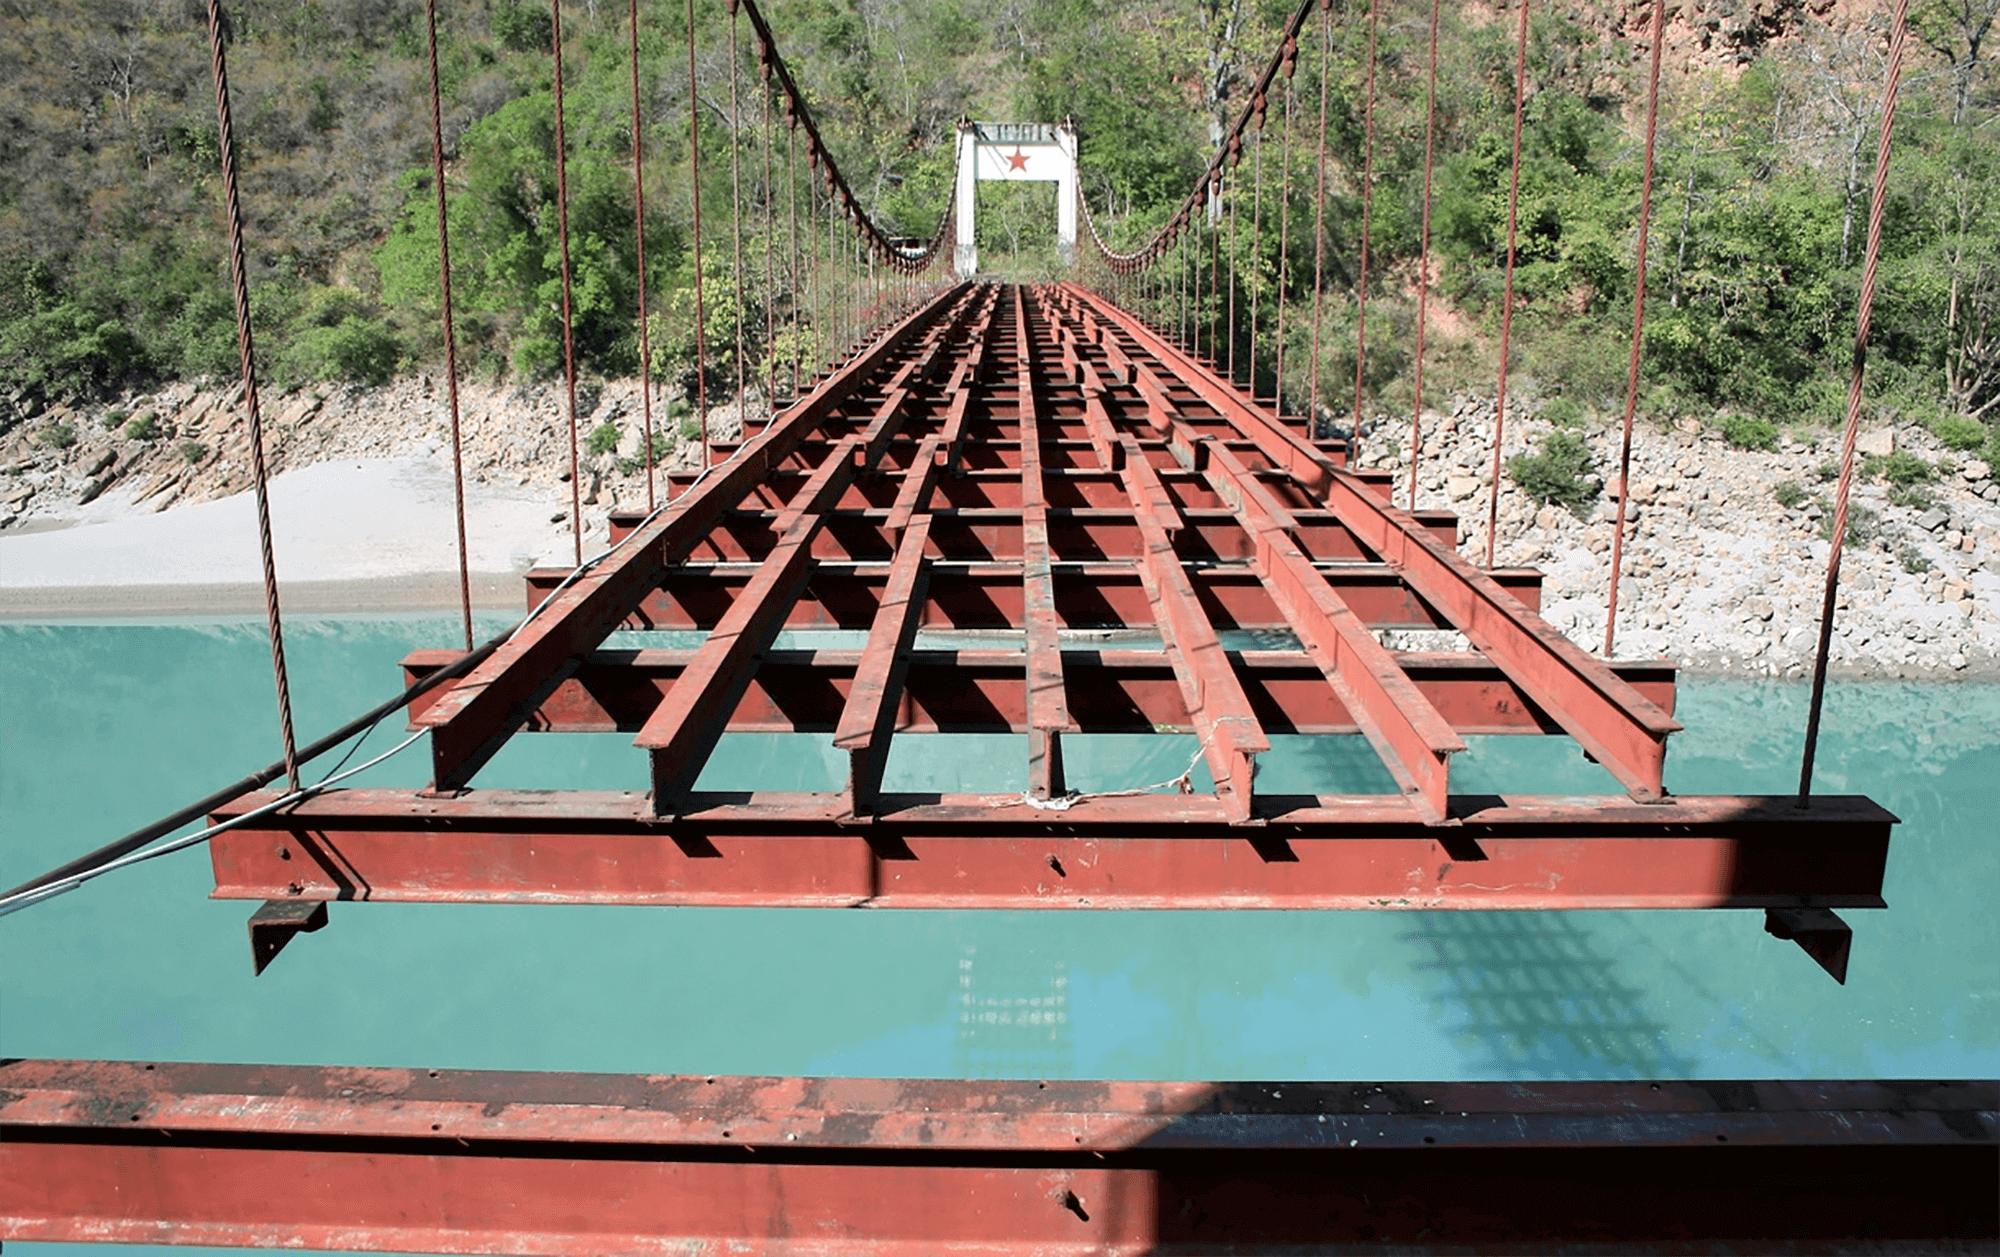 Reise in Yunnan in China. Eine rote Brücke führt über einen breiten Fluss an ein mit Büschen und Bäumen bewachsenes Ufer.